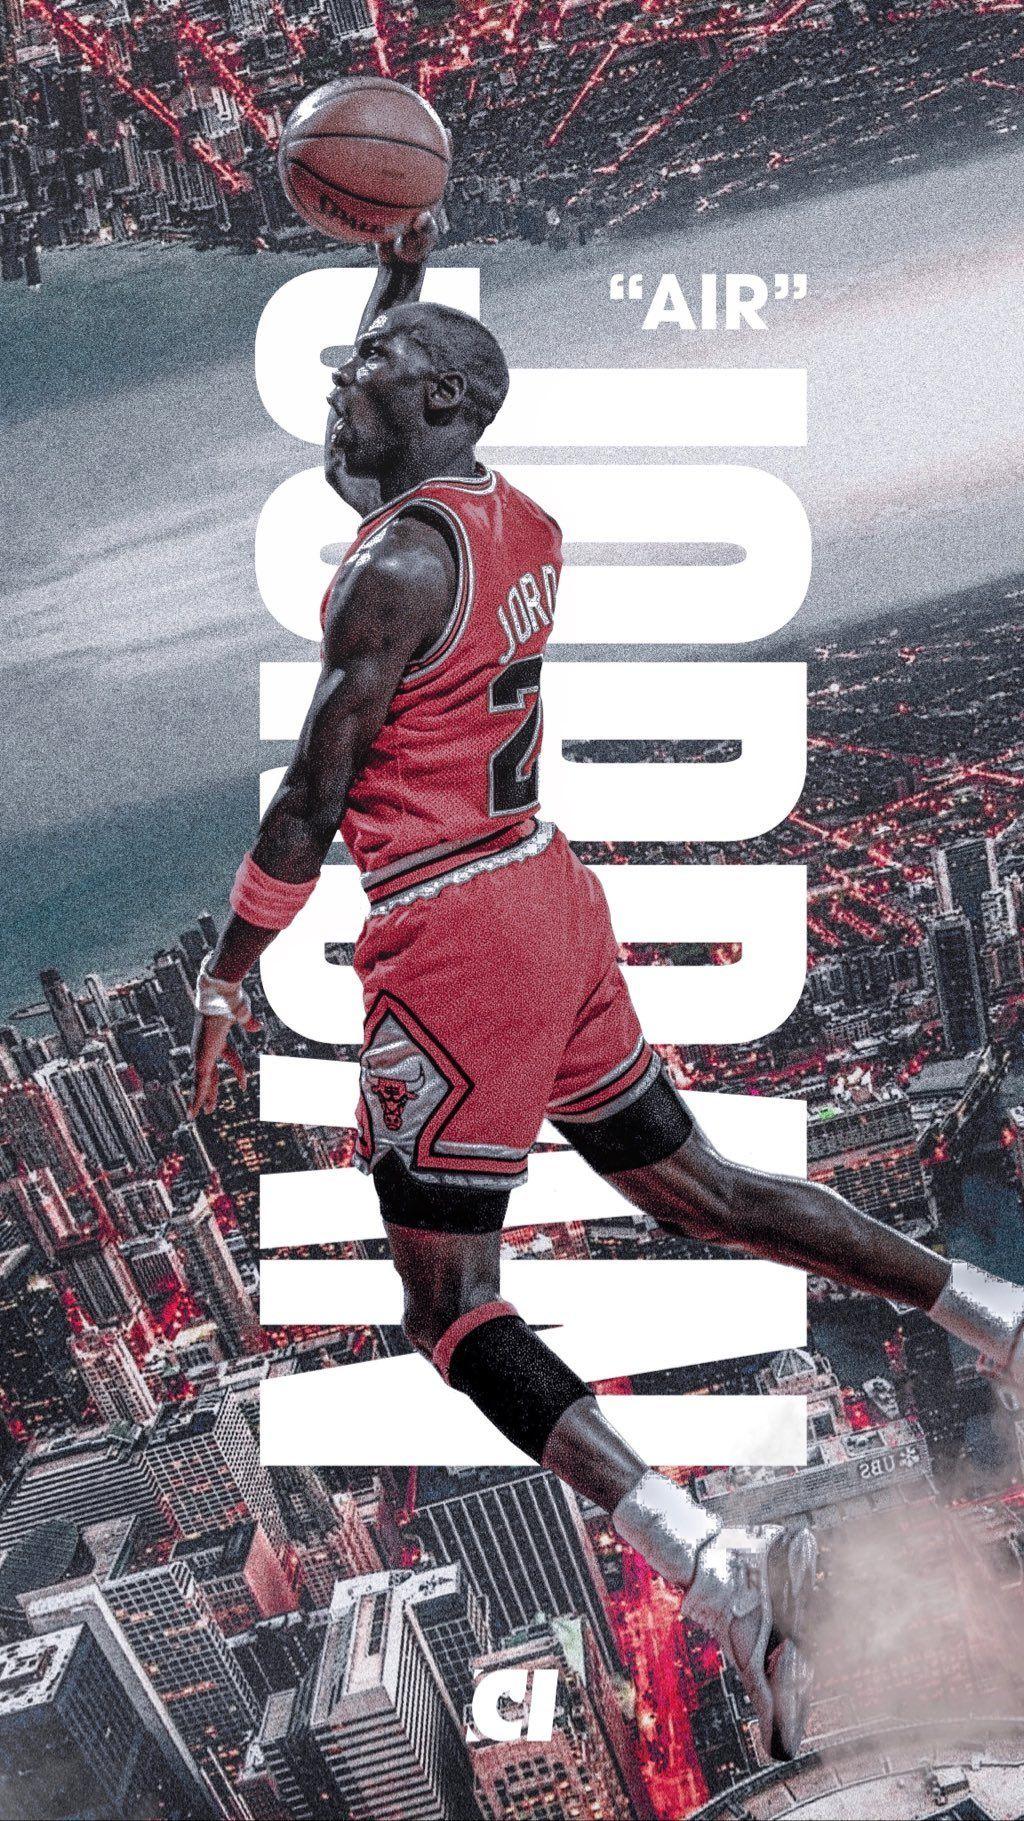 Cerita Instagram In 2020 Michael Jordan Photos Best Nba Players Kobe Bryant Wallpaper